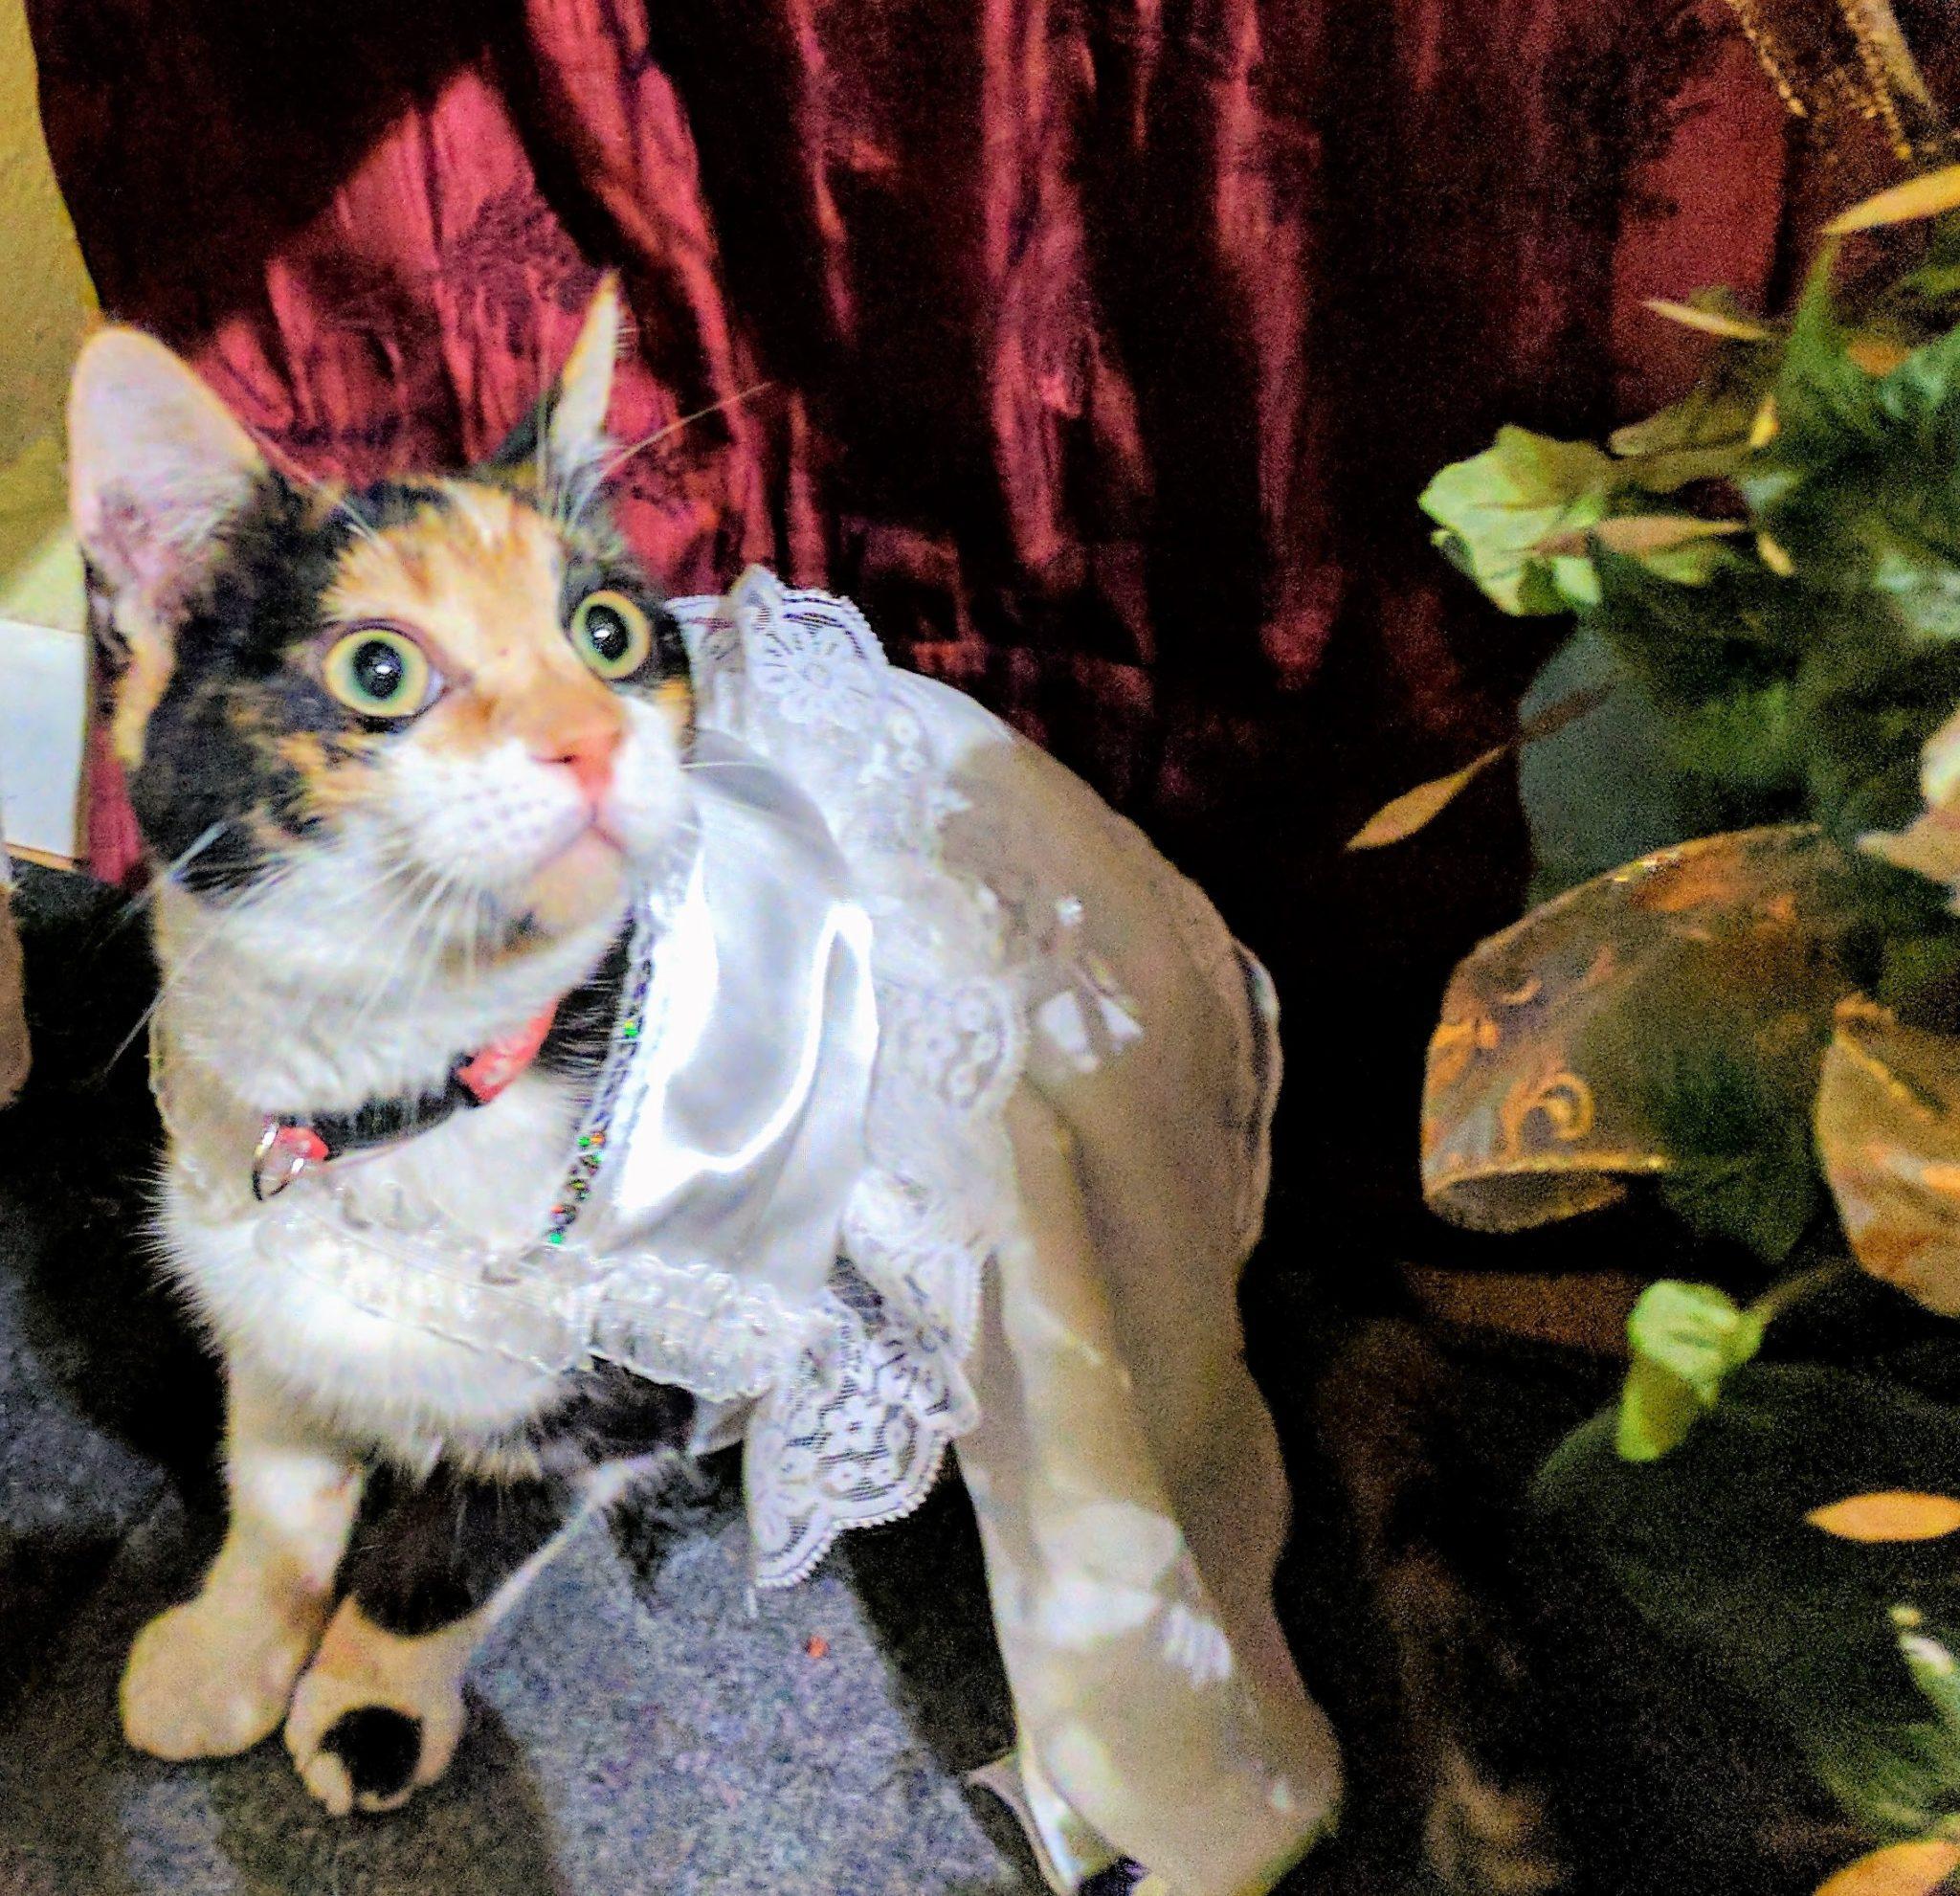 Wedding First Dance Songs 2017: Adventures In Dance